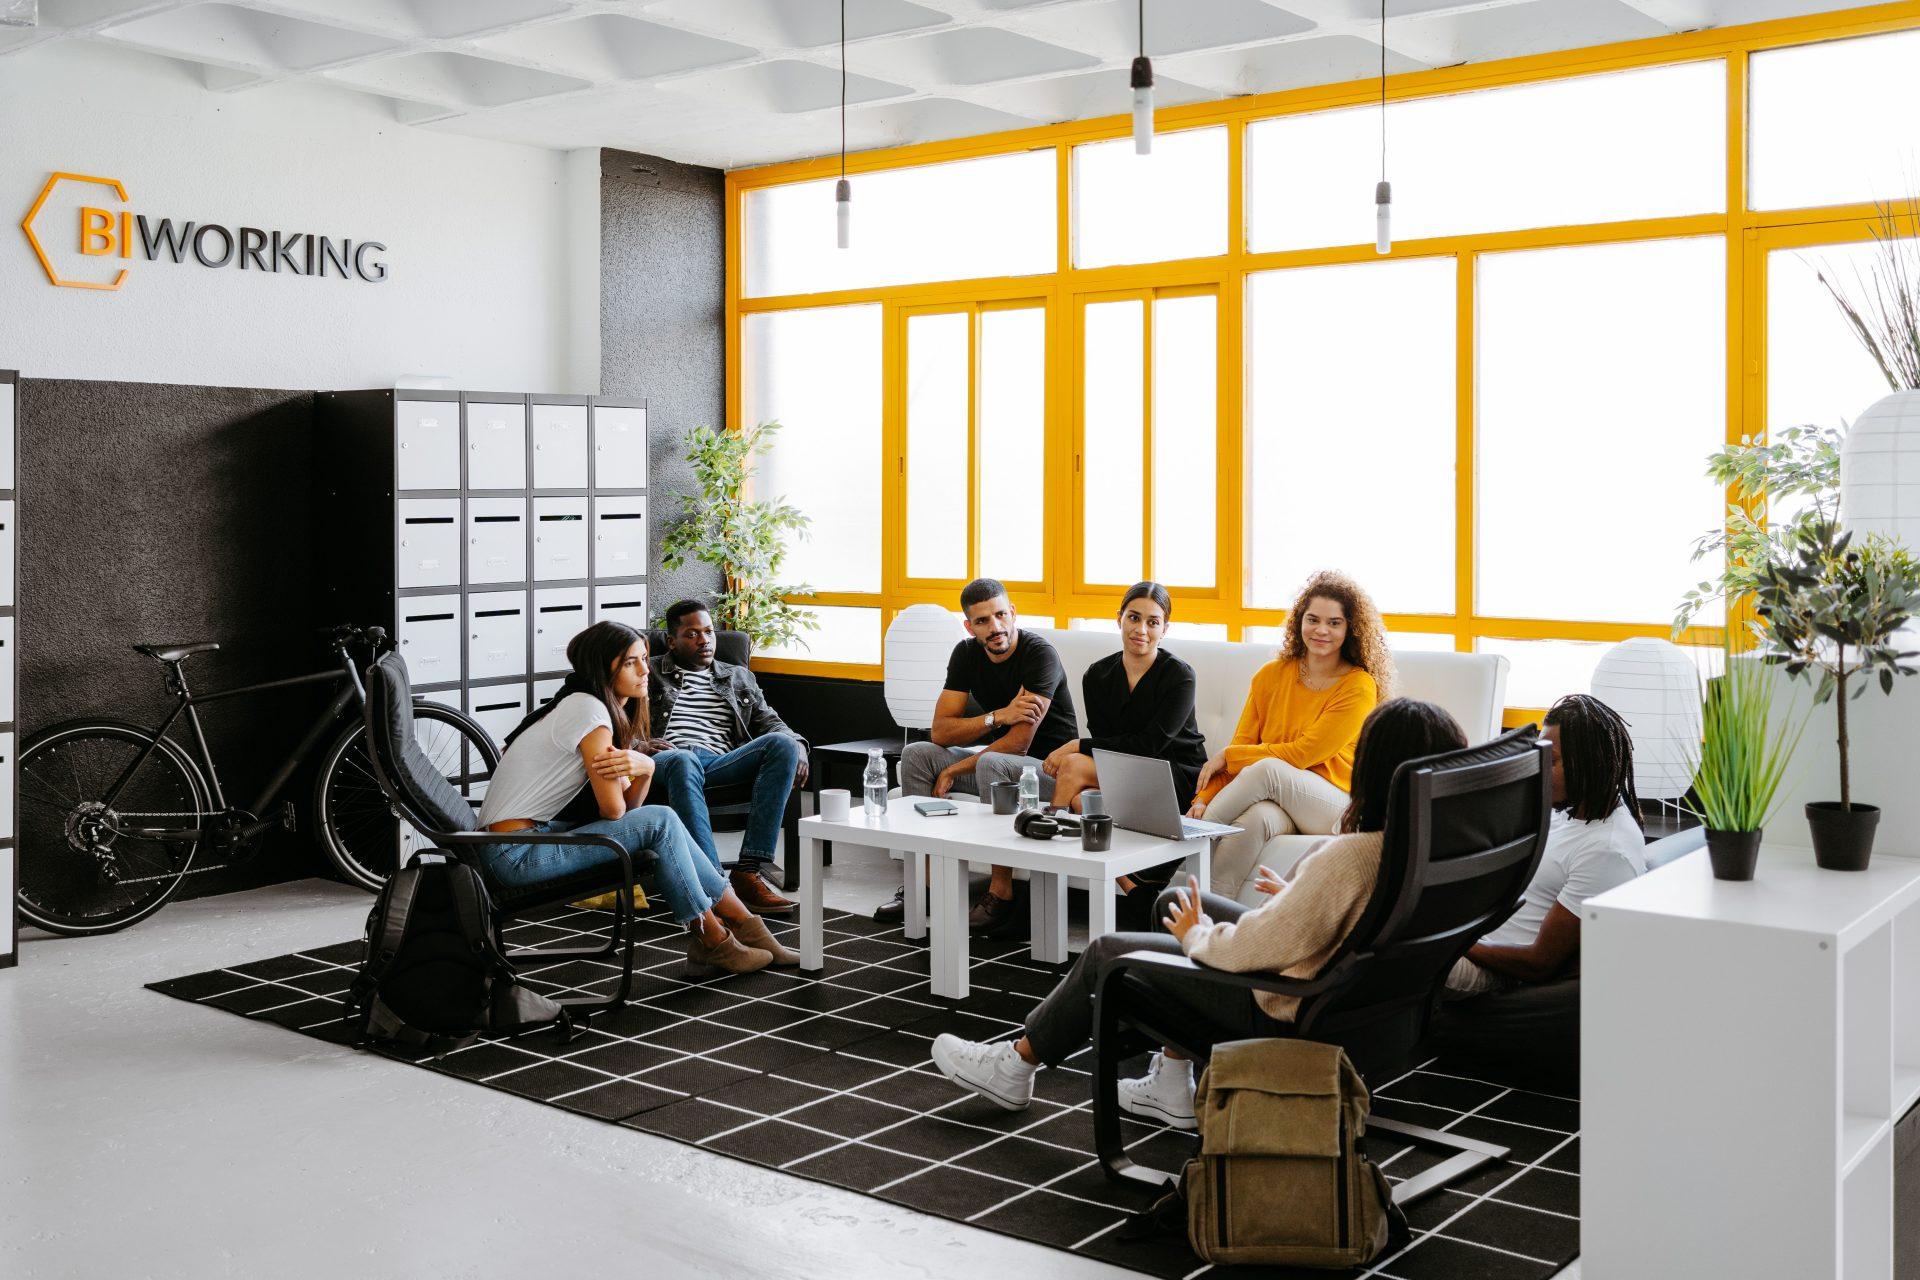 biworking-coworking-bilbao-innovación-empresas-ocio